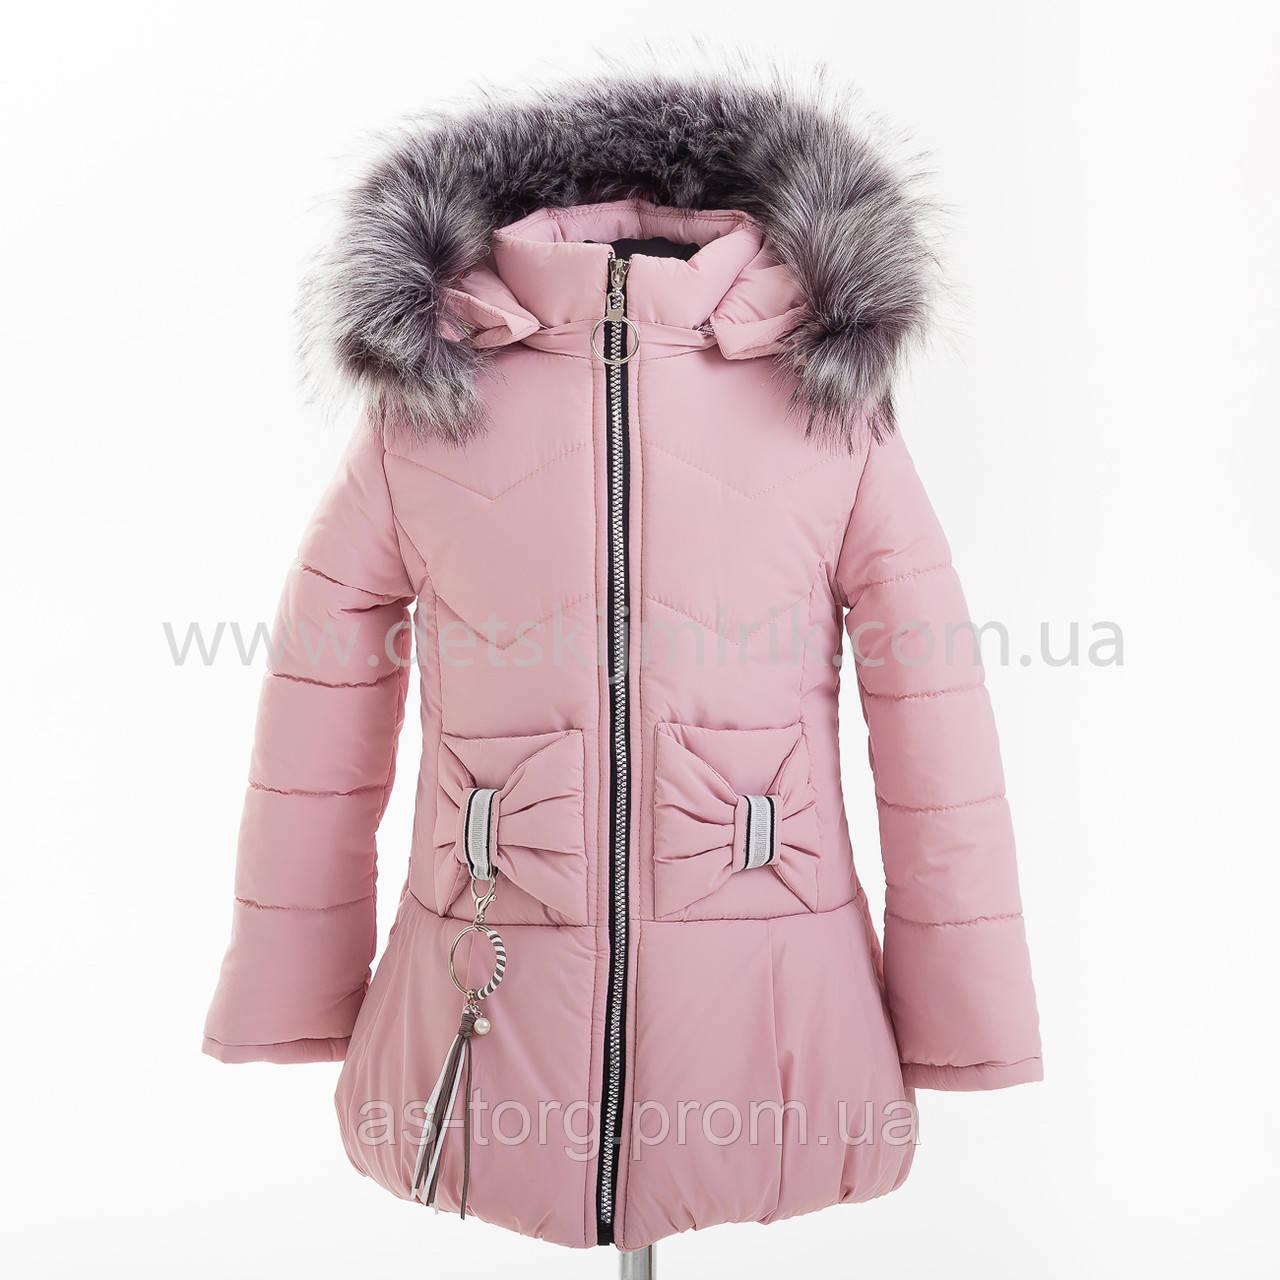 """Зимова куртка для дівчинки """"Беата """",Зима 2018"""